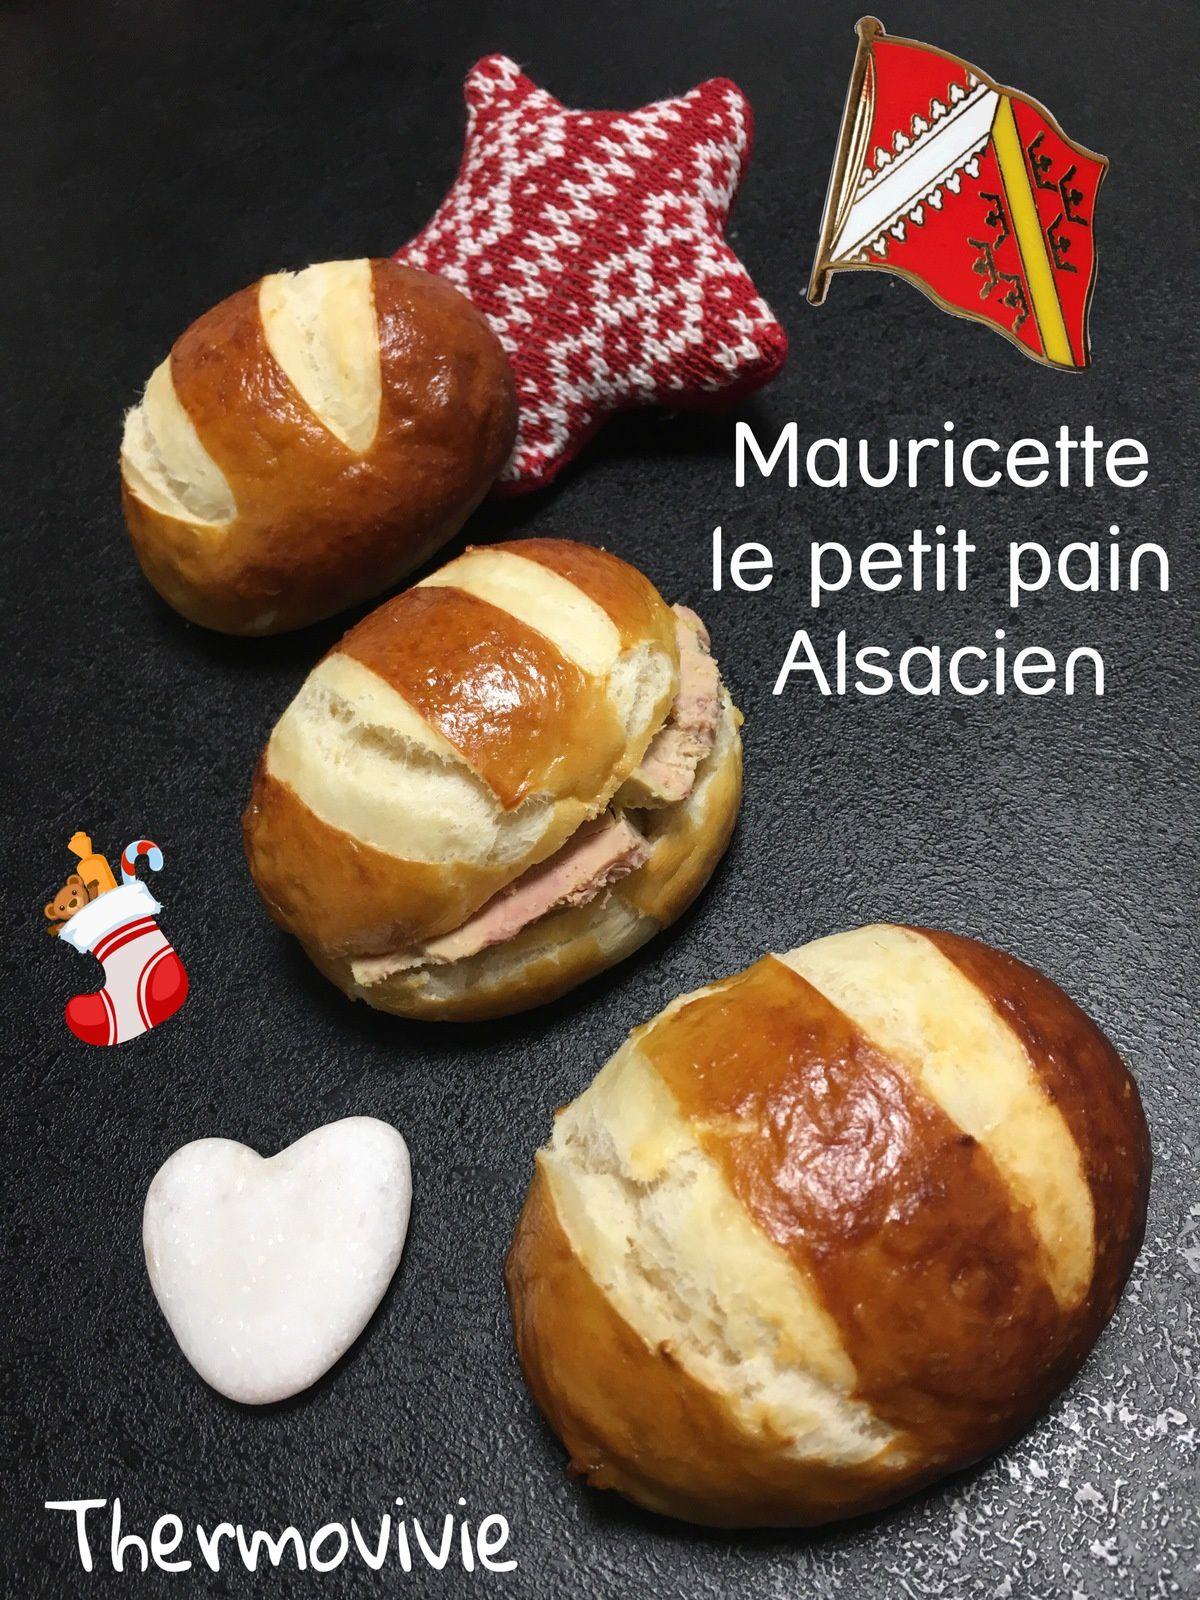 Mauricette, le petit pain alsacien. Recette au thermomix